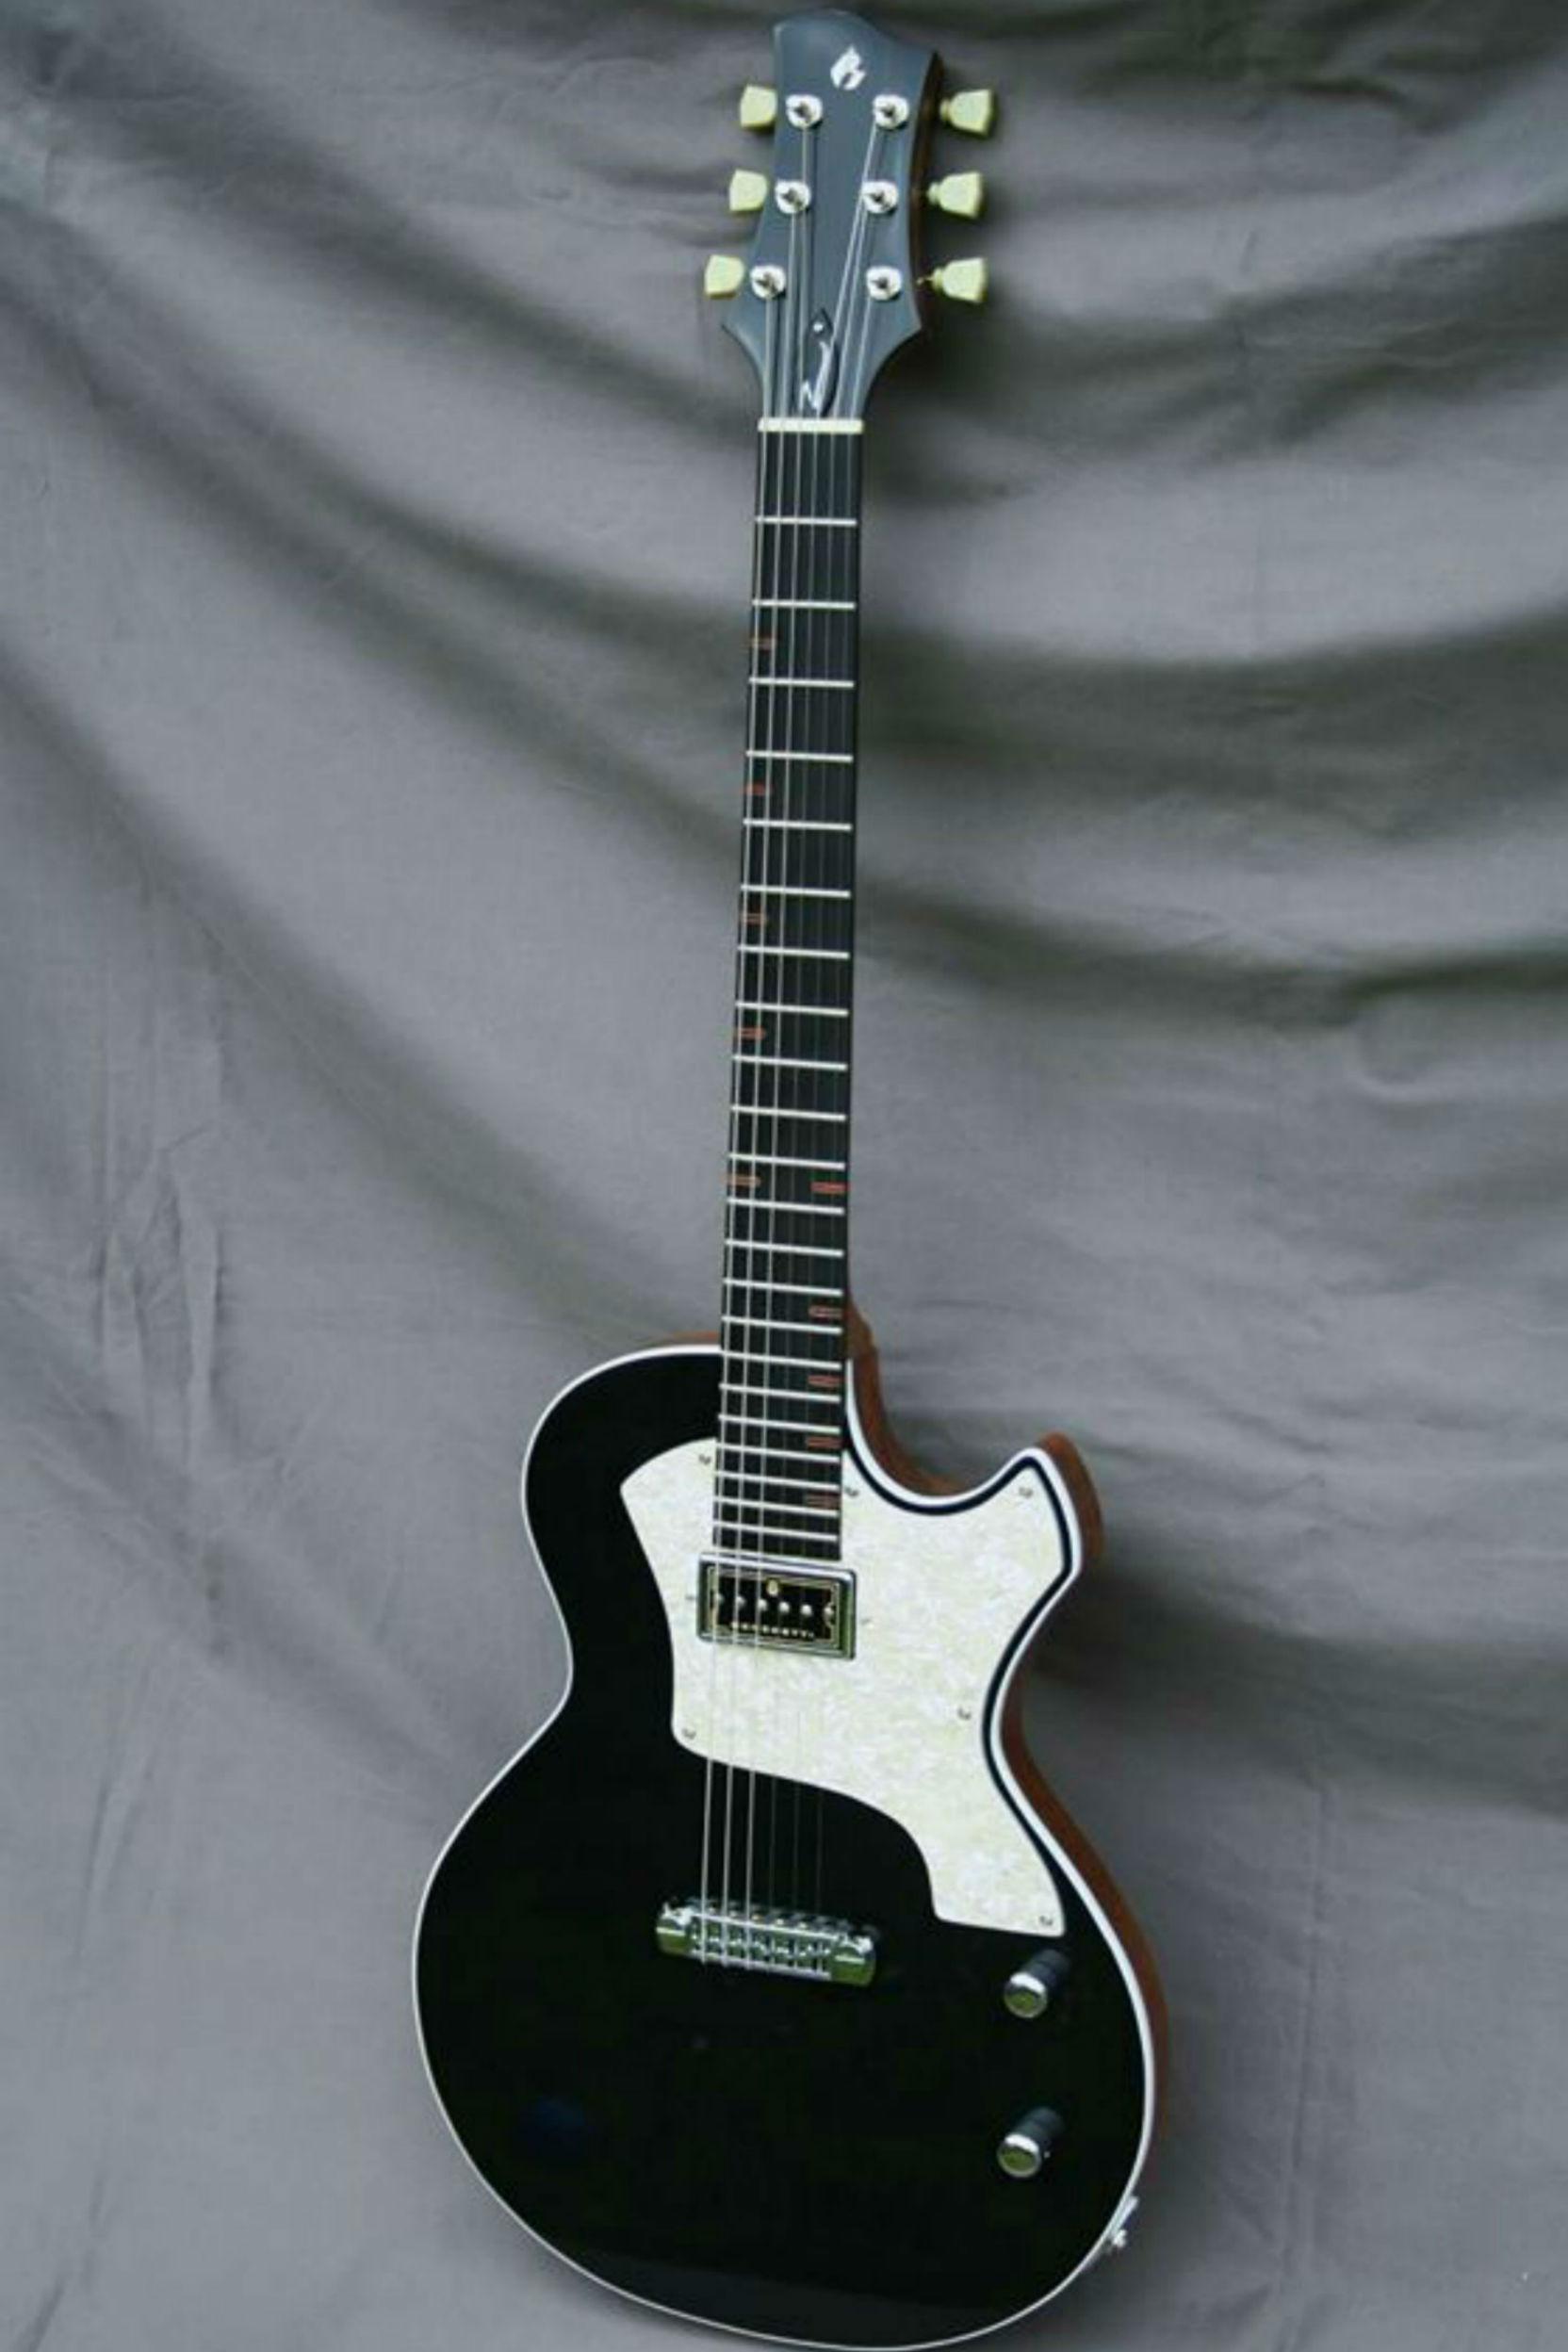 guitare-electrique-jeremie-geffroy